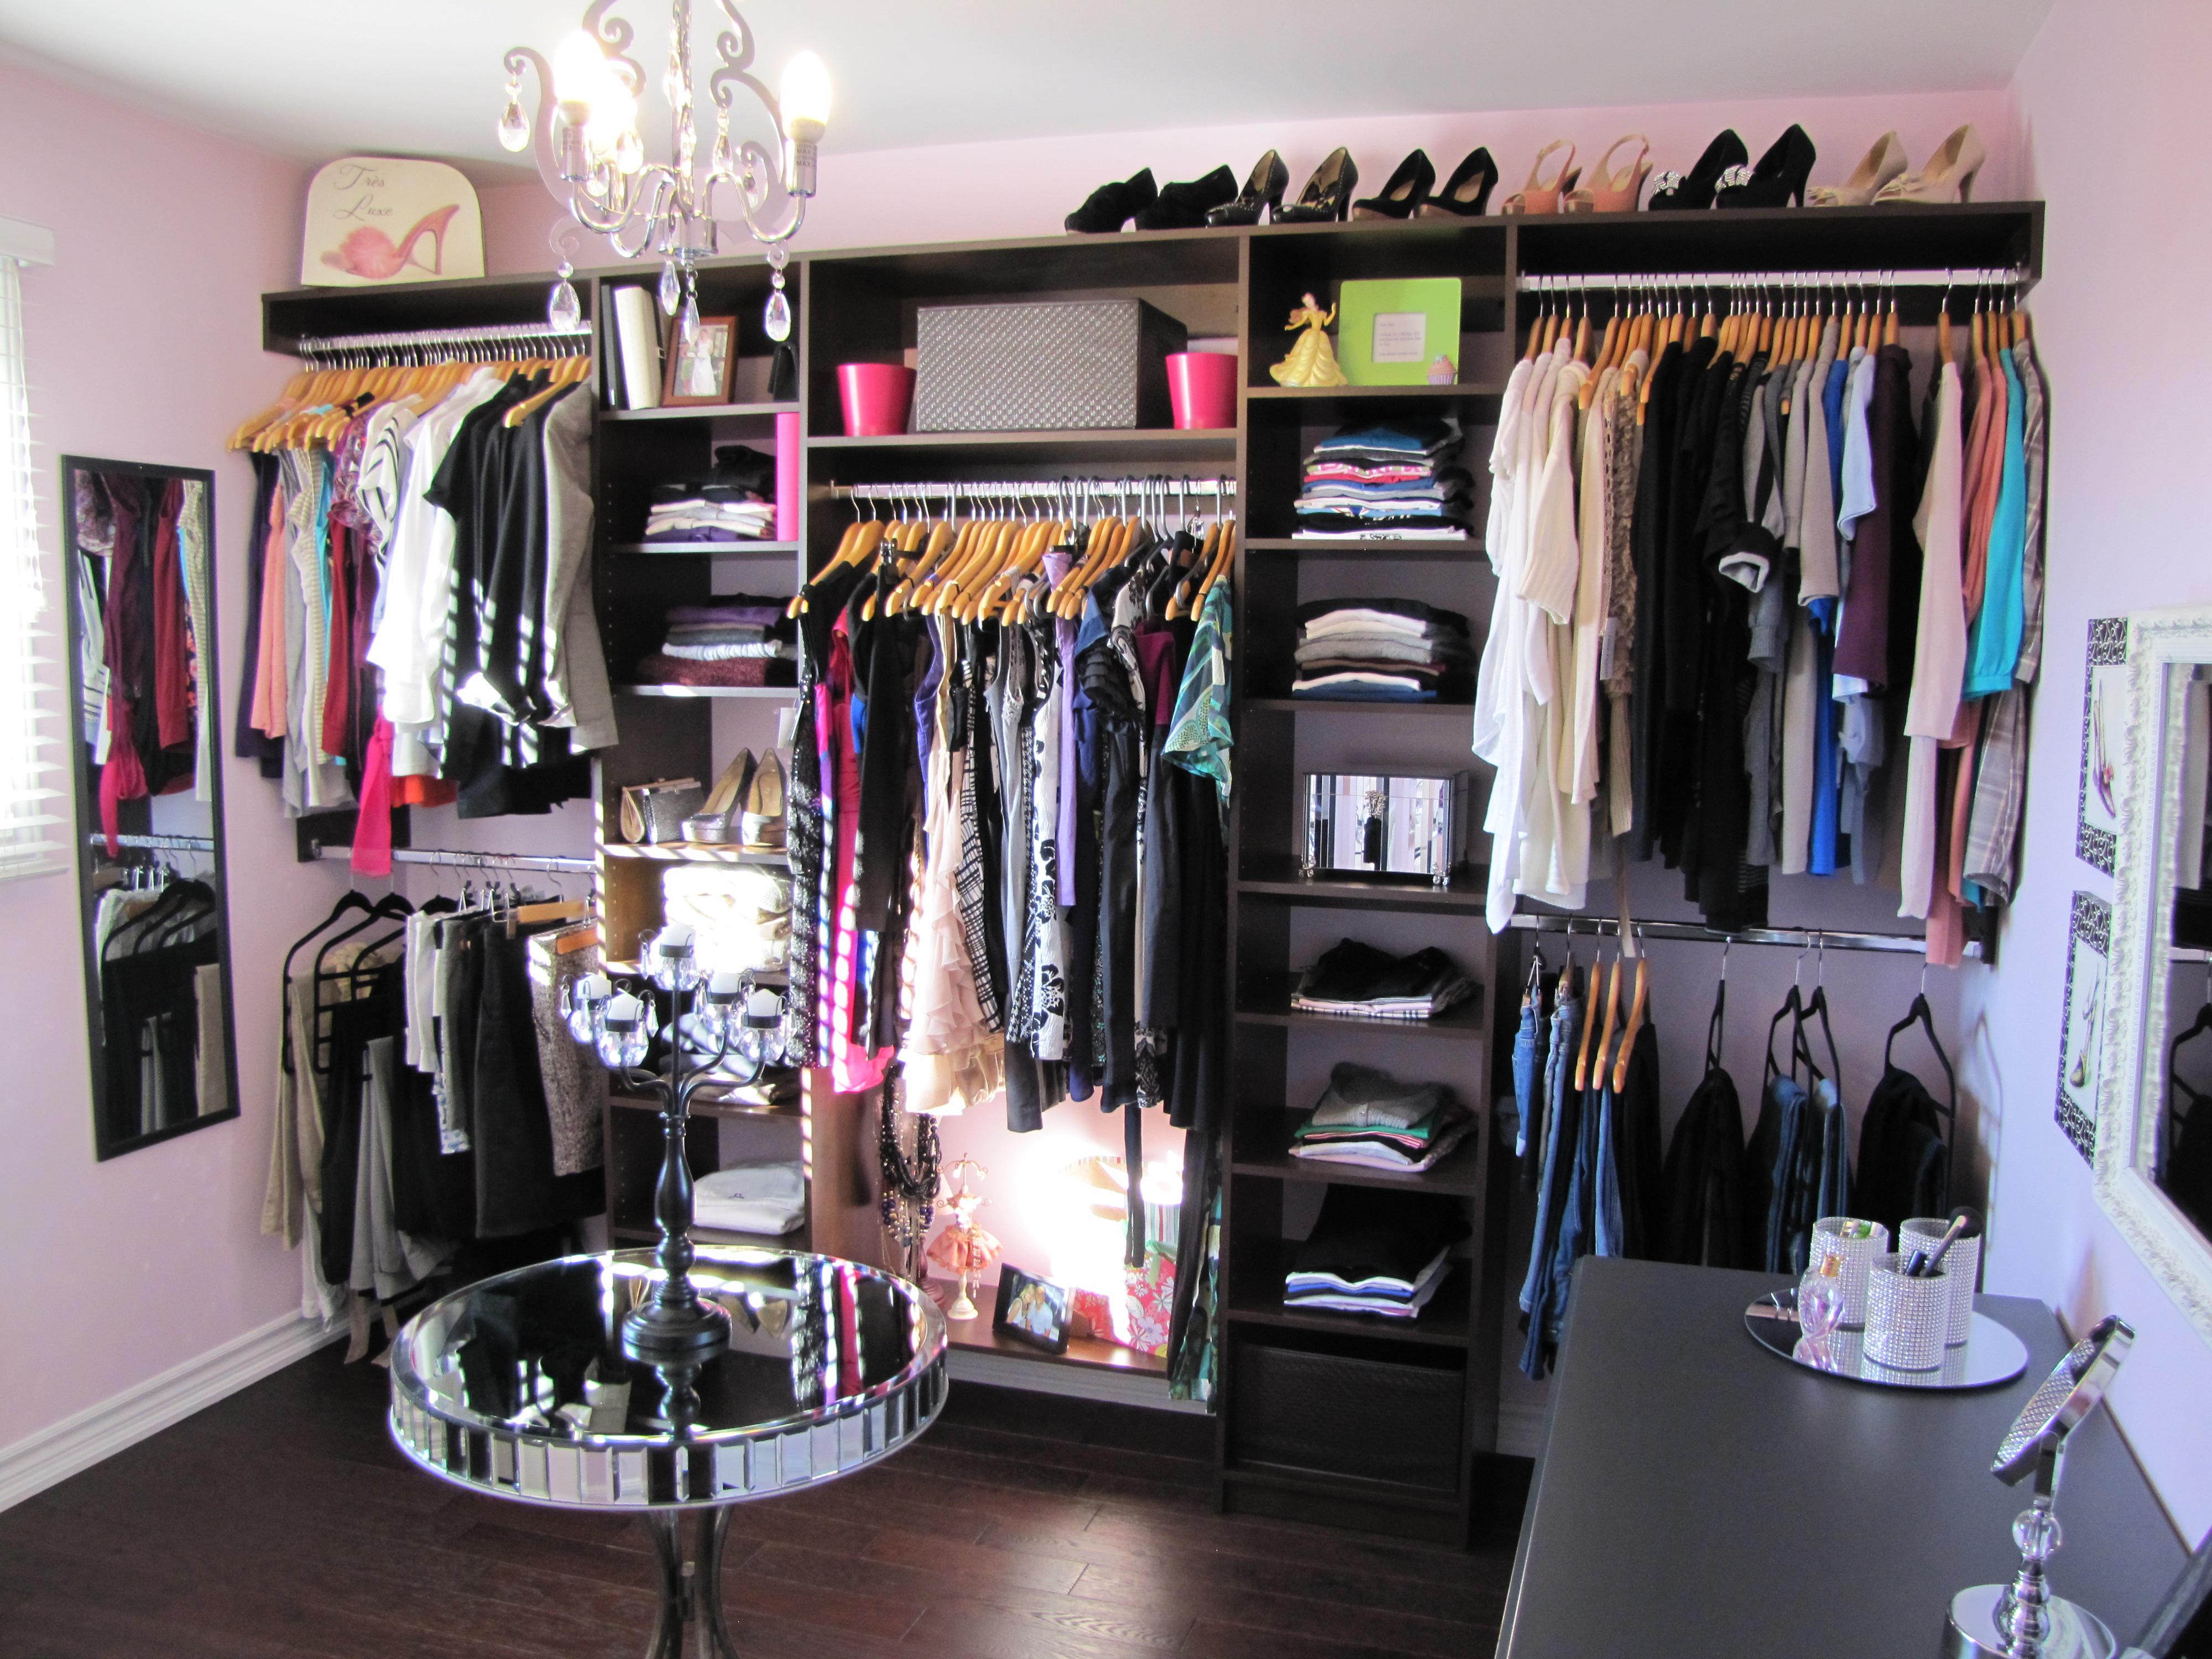 غرفة خلع الملابس بسيطة جداً | المرسال